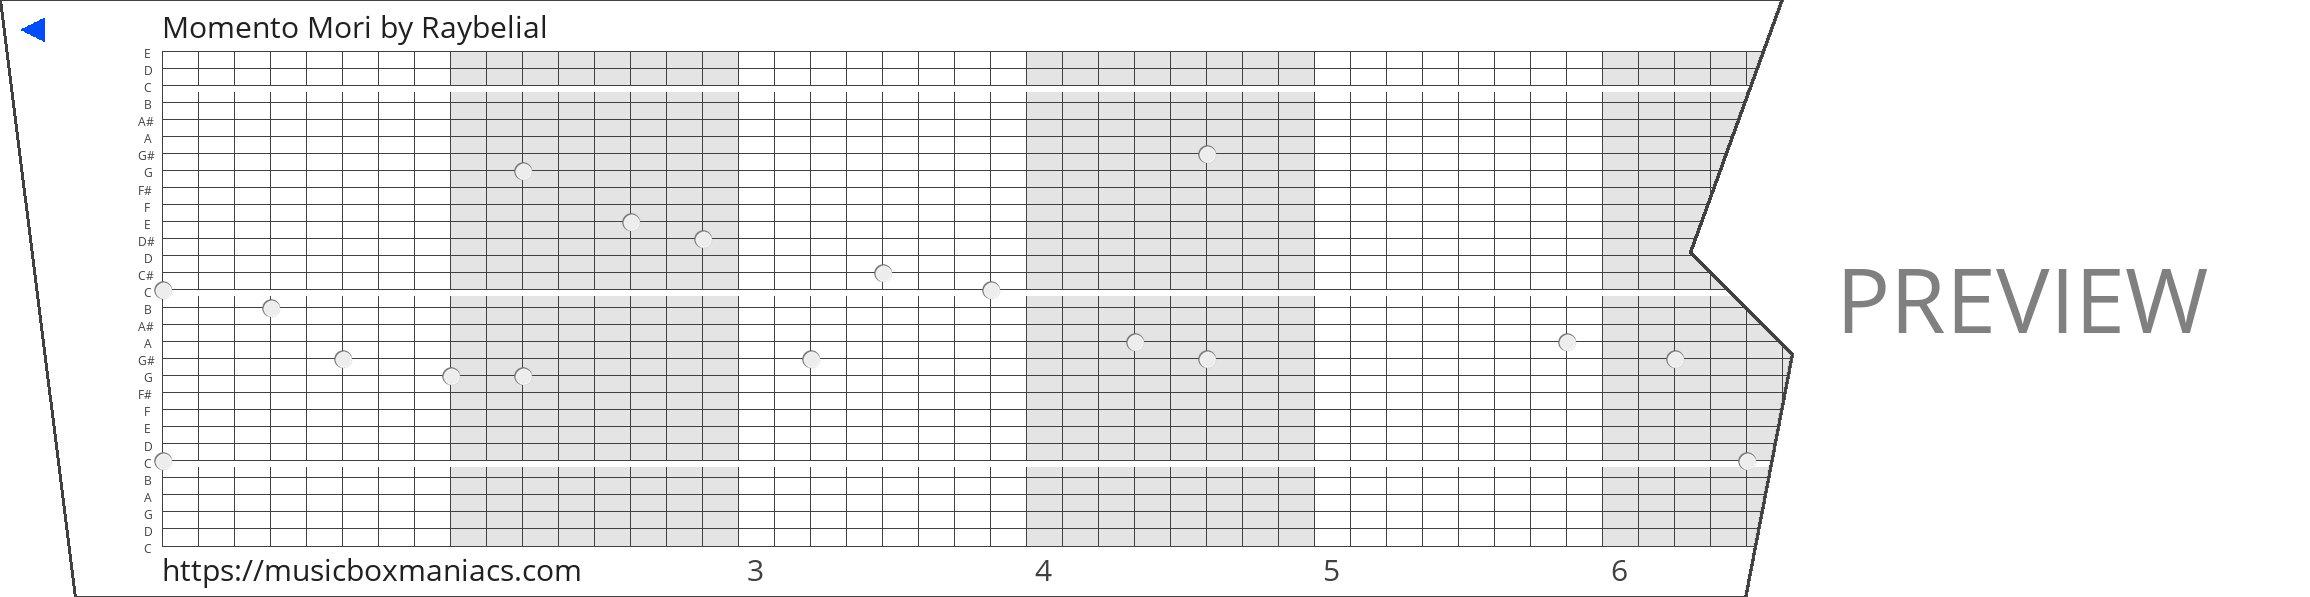 Momento Mori 30 note music box paper strip